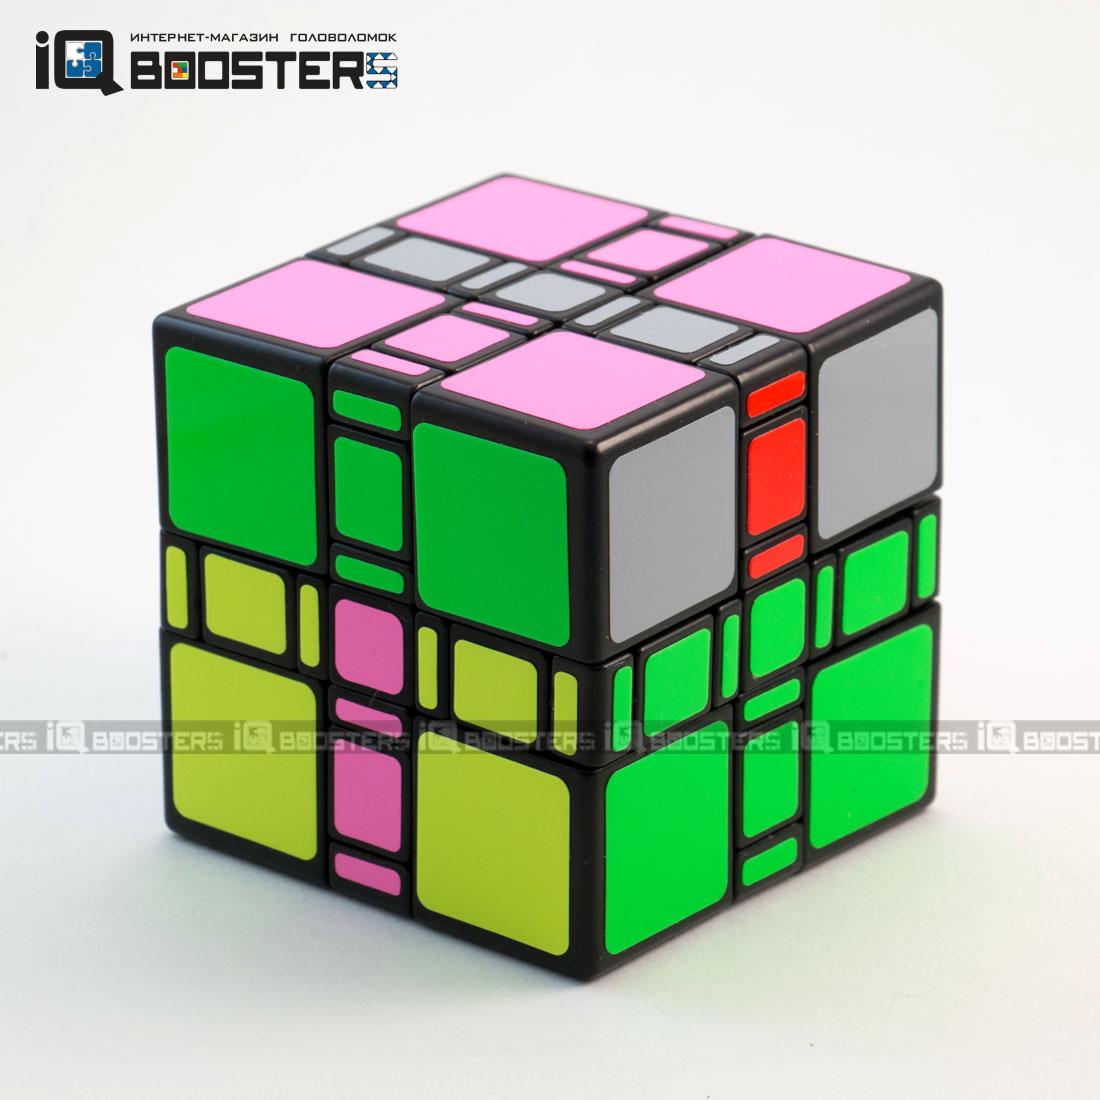 limcube_super_mixup_3